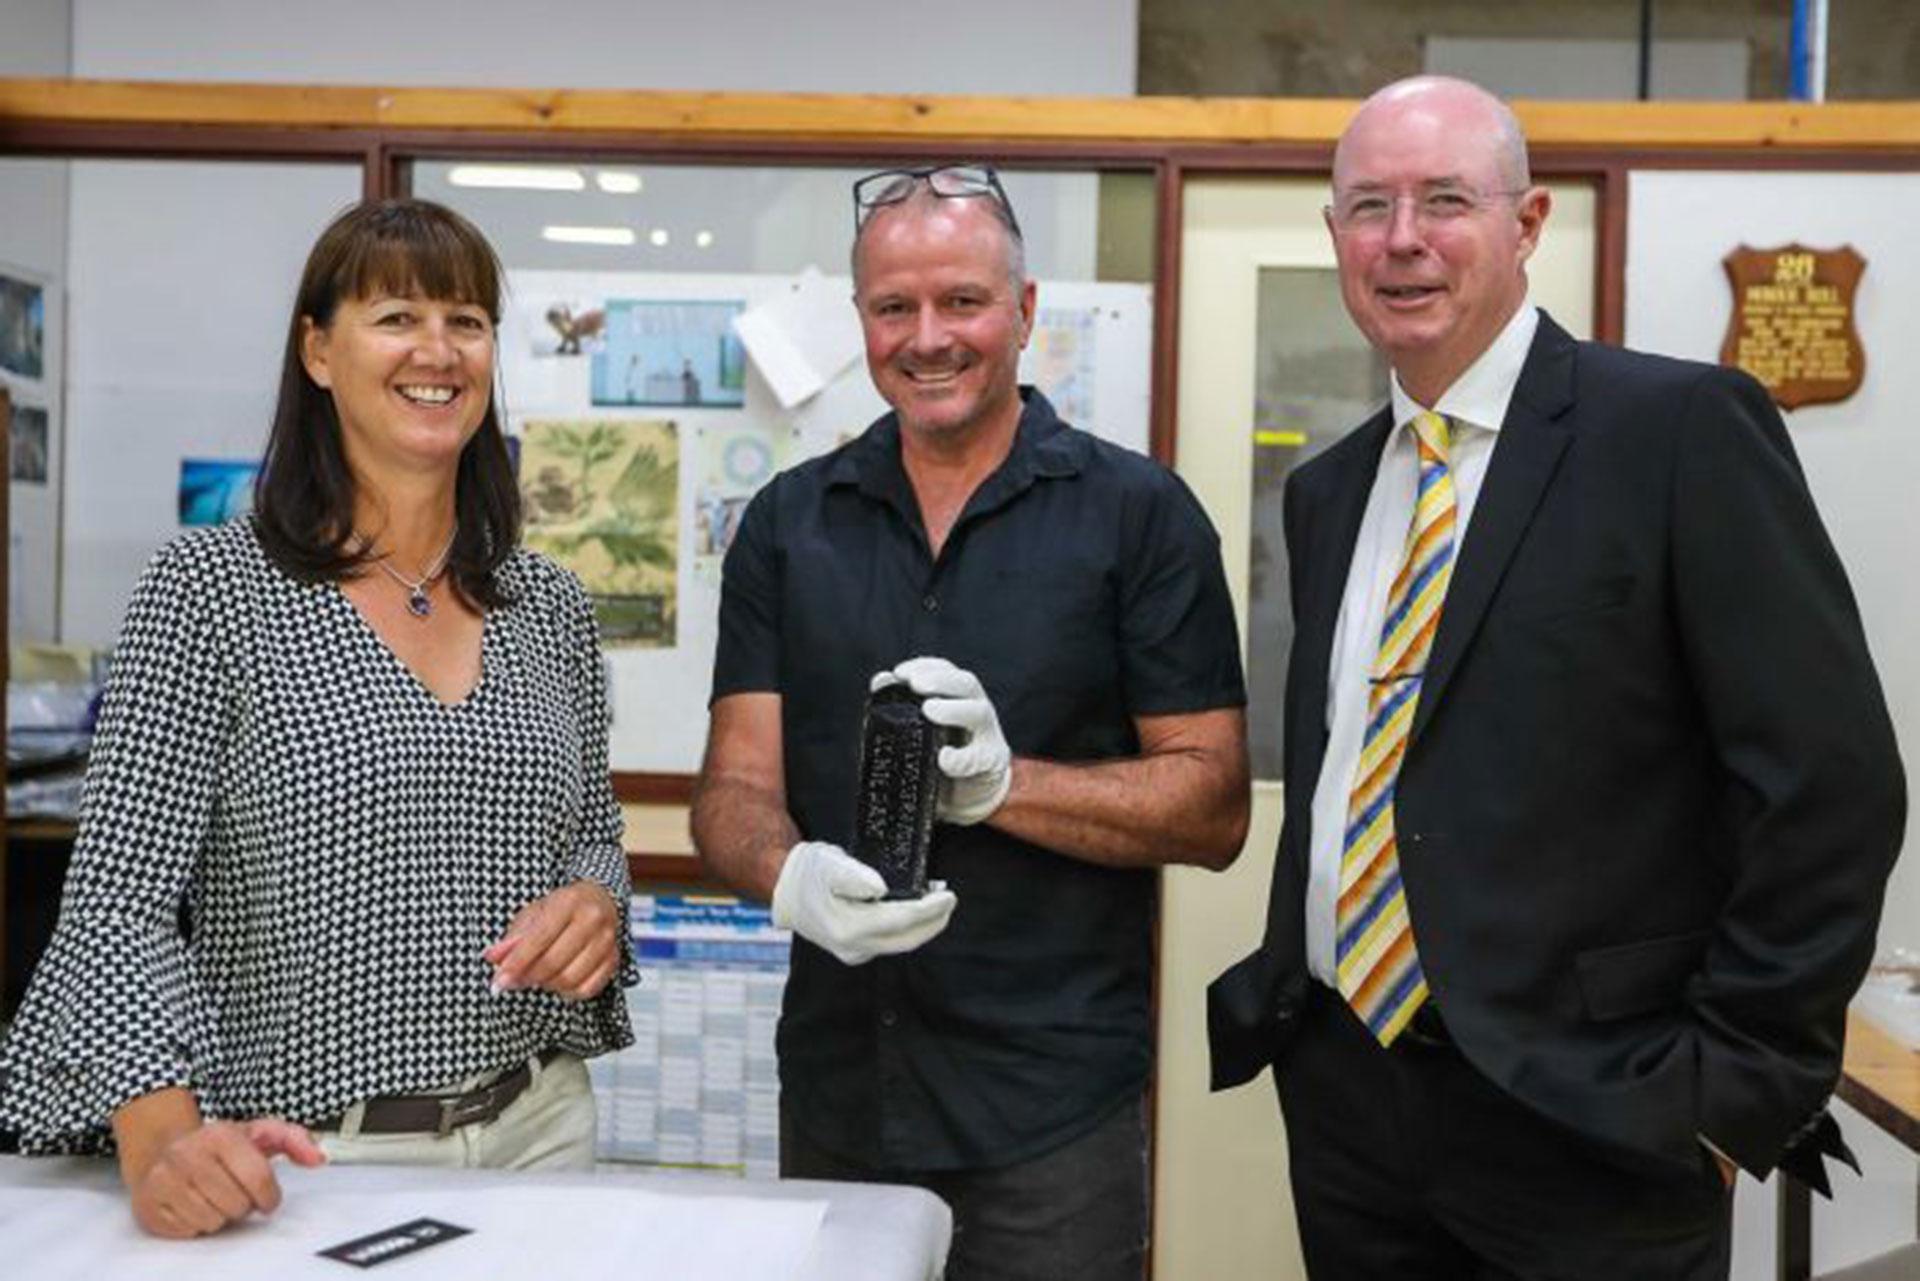 Tonya Ilman y su esposo Kym, junto a Ross Anderson, del Western Australia Museum. Colegas alemanes y holandeses compararon el manuscrito con el registro del libro de navegación del Paula